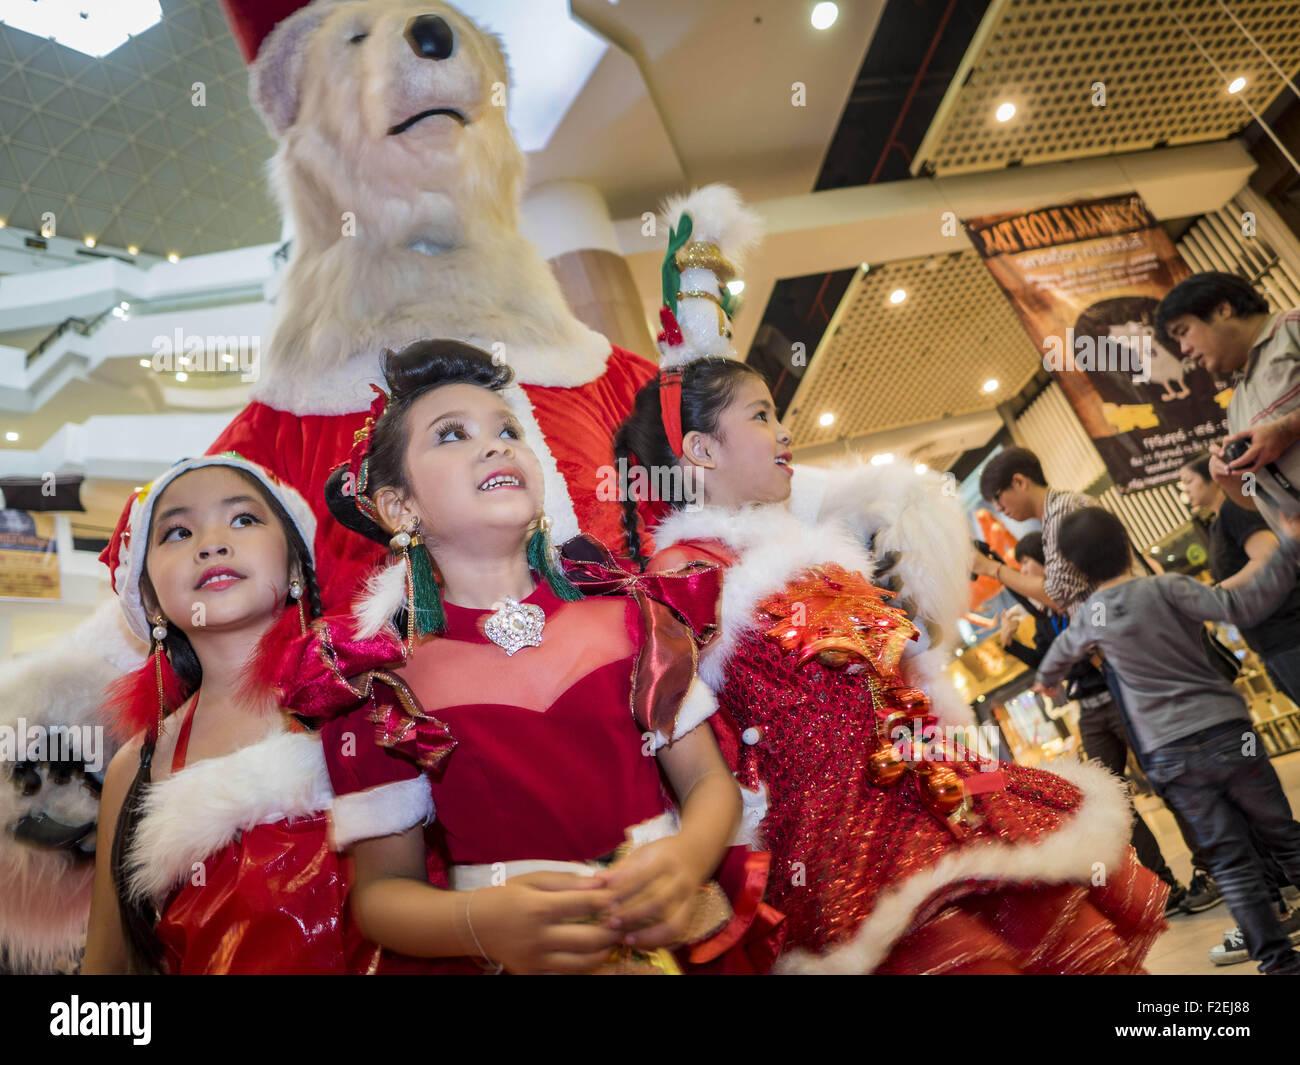 Bangkok, Thailand  17th Sep, 2015  Thai girls in Christmas